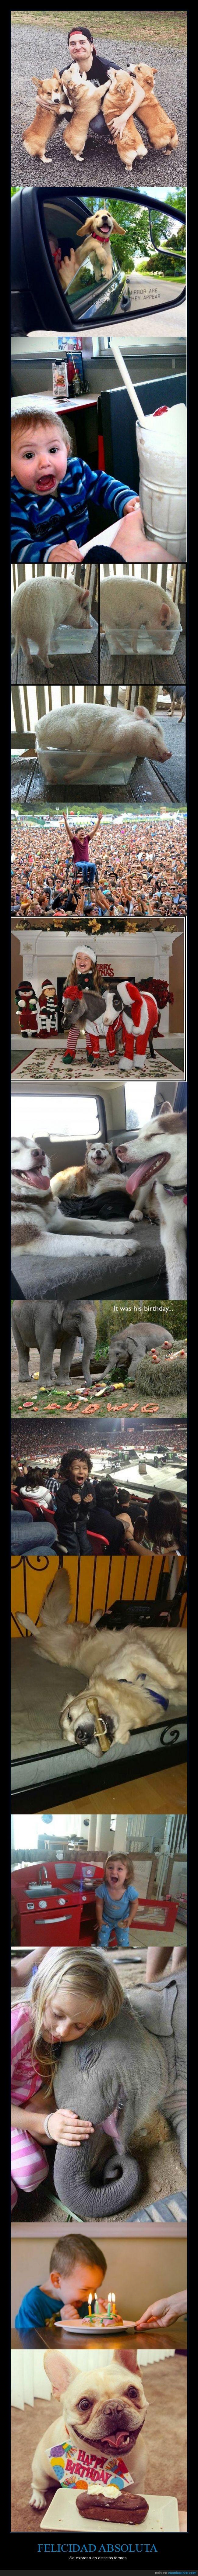 cara,cerdo,contento,elefante,emocion,feliz,ilusión,niña,niño,perro,regalo,sonrisa